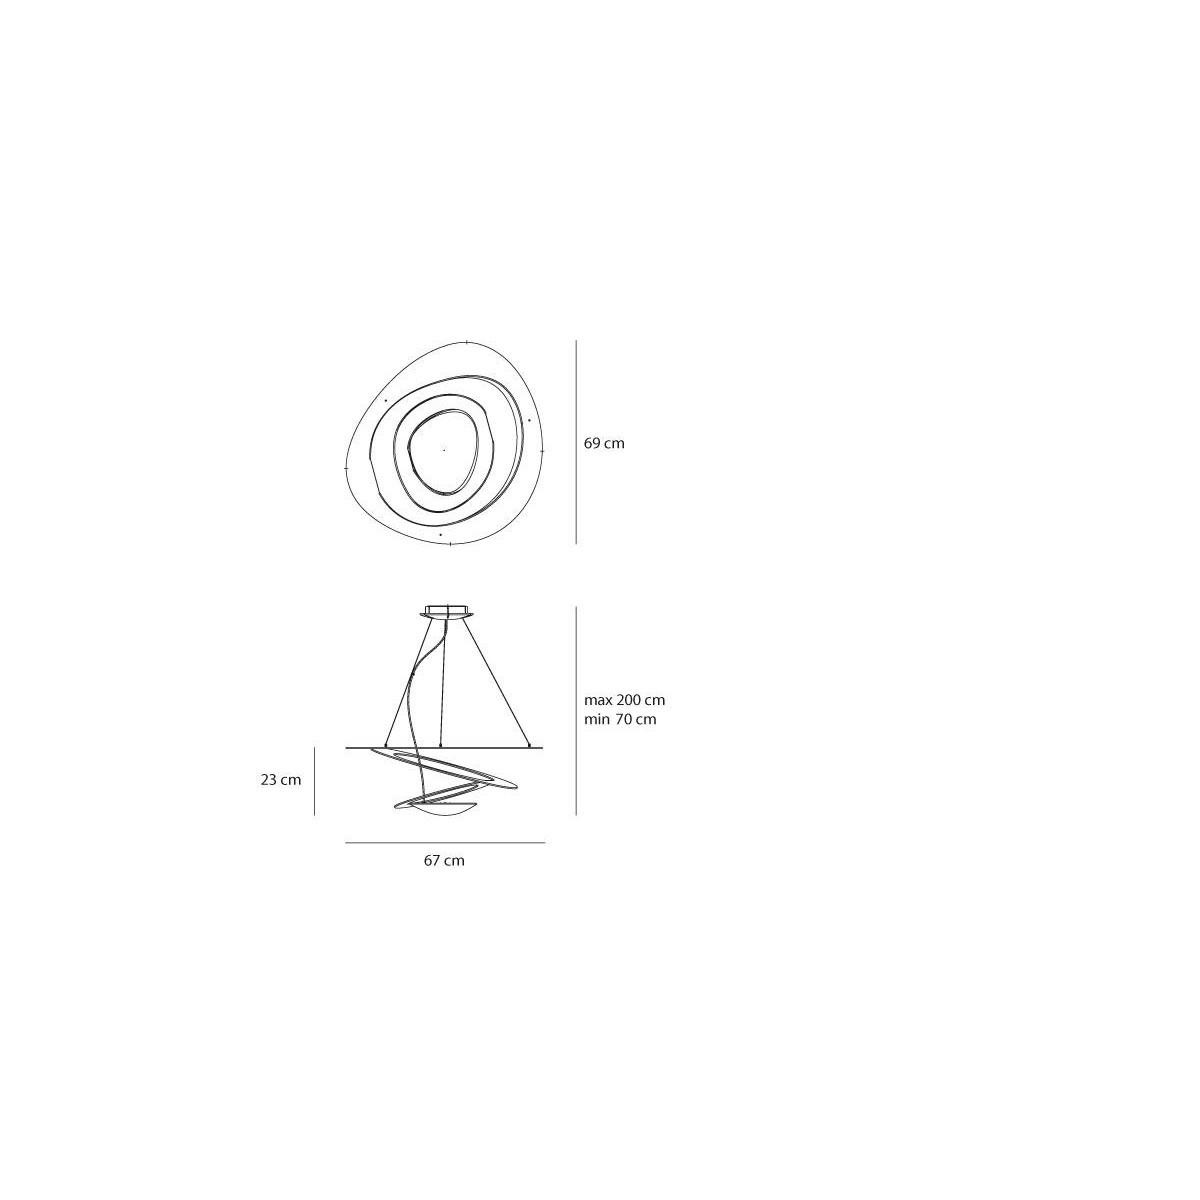 Artemide PIRCE MINI SOSPENSIONE Biały LED 1256110A Wisząca